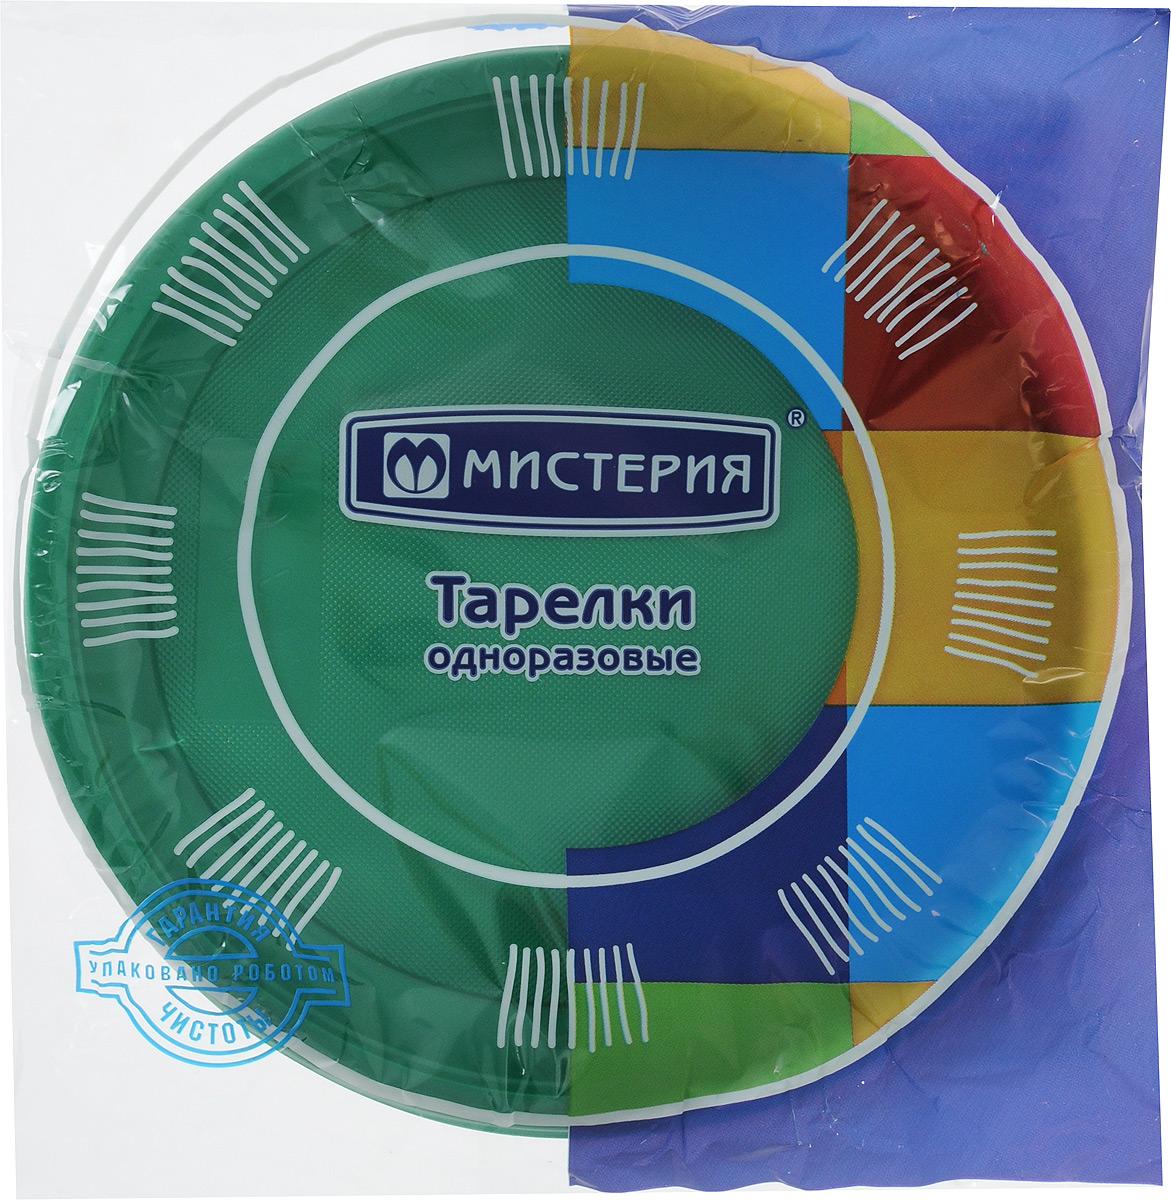 Набор одноразовых тарелок Мистерия, цвет: зеленый, диаметр 21 см, 12 шт183230Набор Мистерия состоит из 12 круглых тарелок, выполненных из полистирола и предназначенных для одноразового использования. Подходят для холодных и горячих пищевых продуктов.Одноразовые тарелки будут незаменимы при поездках на природу, пикниках и других мероприятиях. Они не займут много места, легки и самое главное - после использования их не надо мыть.Диаметр тарелки: 21 см.Высота тарелки: 1,5 см.